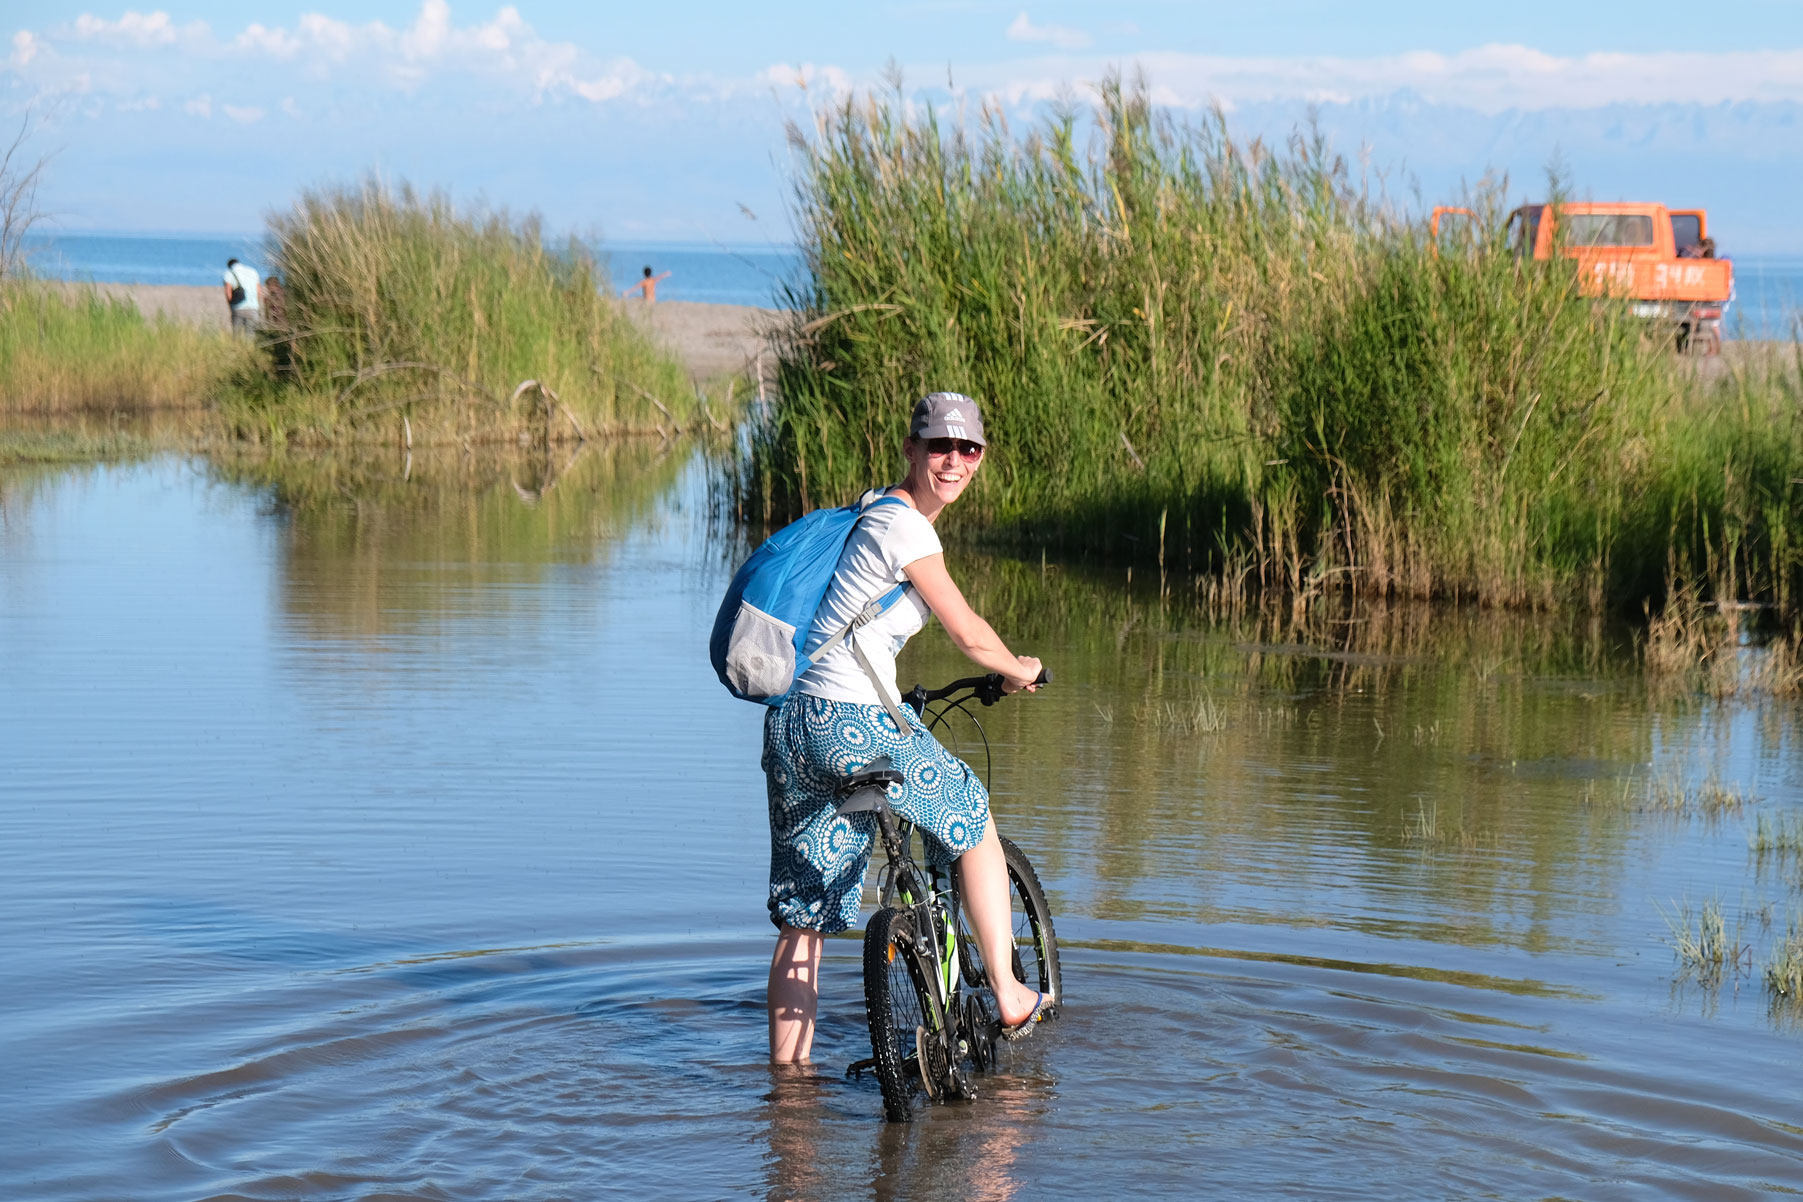 Leo steht mit einem Fahrrad in einer riesigen Pfütze.